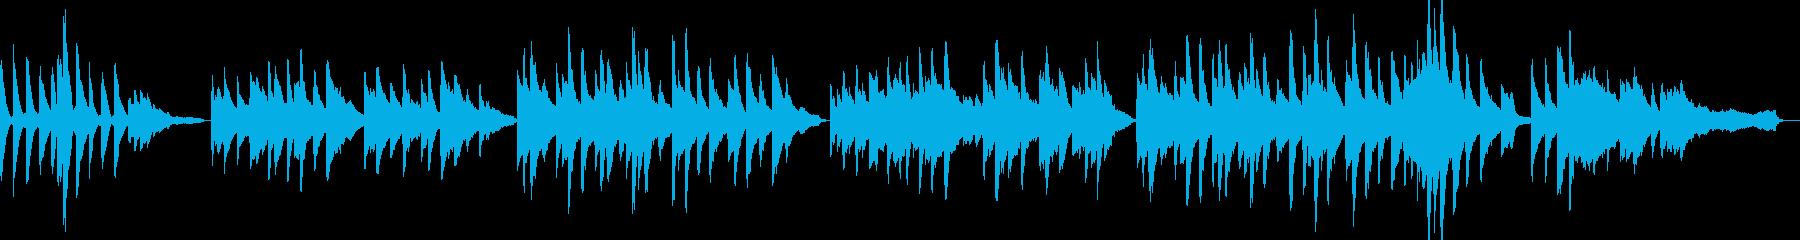 「ふるさと」ピアノアレンジ リバーブ足しの再生済みの波形